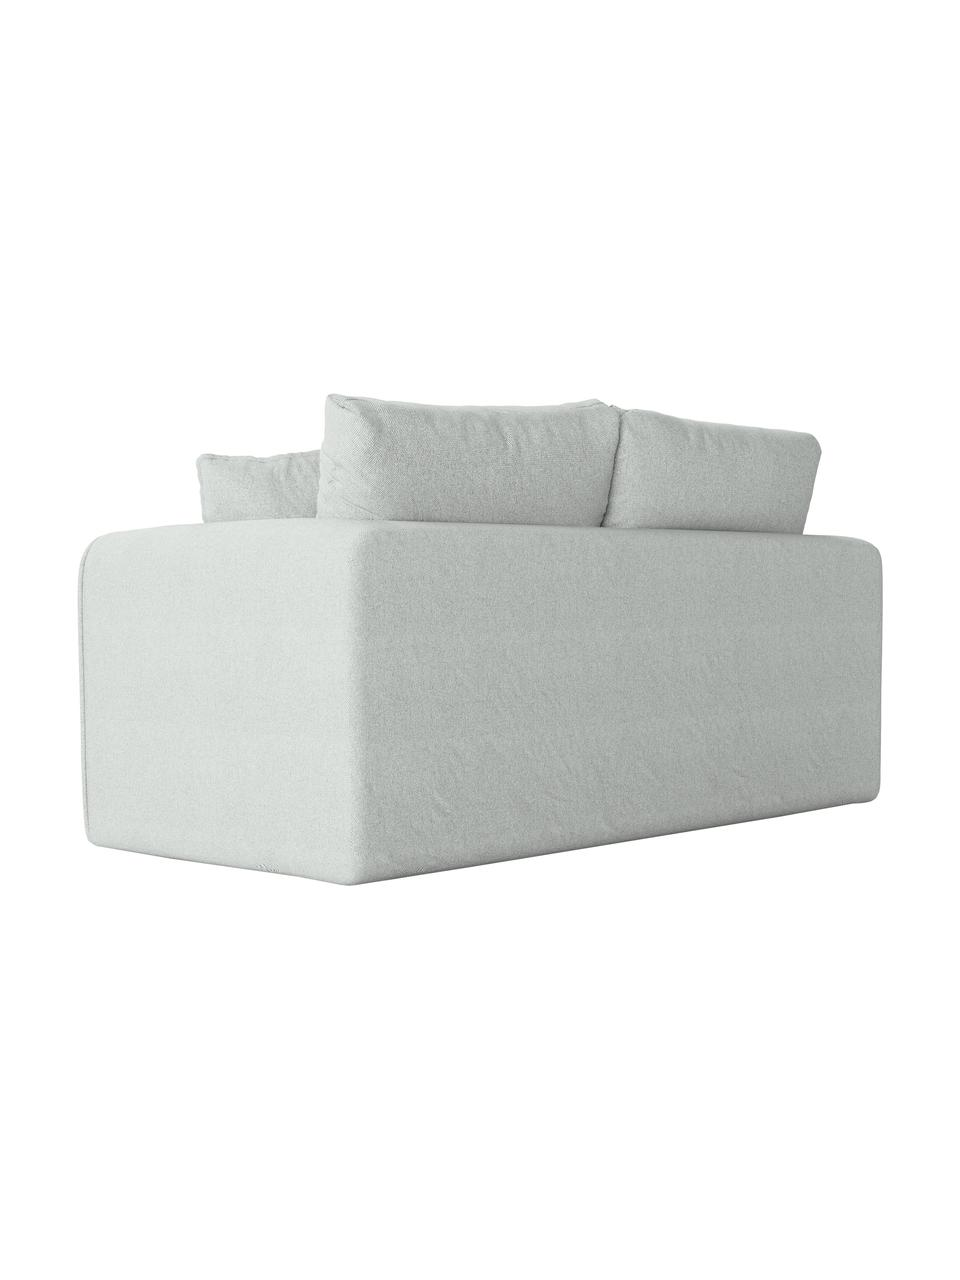 Sofa rozkładana Lido (2-osobowa), Tapicerka: poliester imitujący len D, Nogi: tworzywo sztuczne, Jasny niebieski, S 158 x G 69 cm